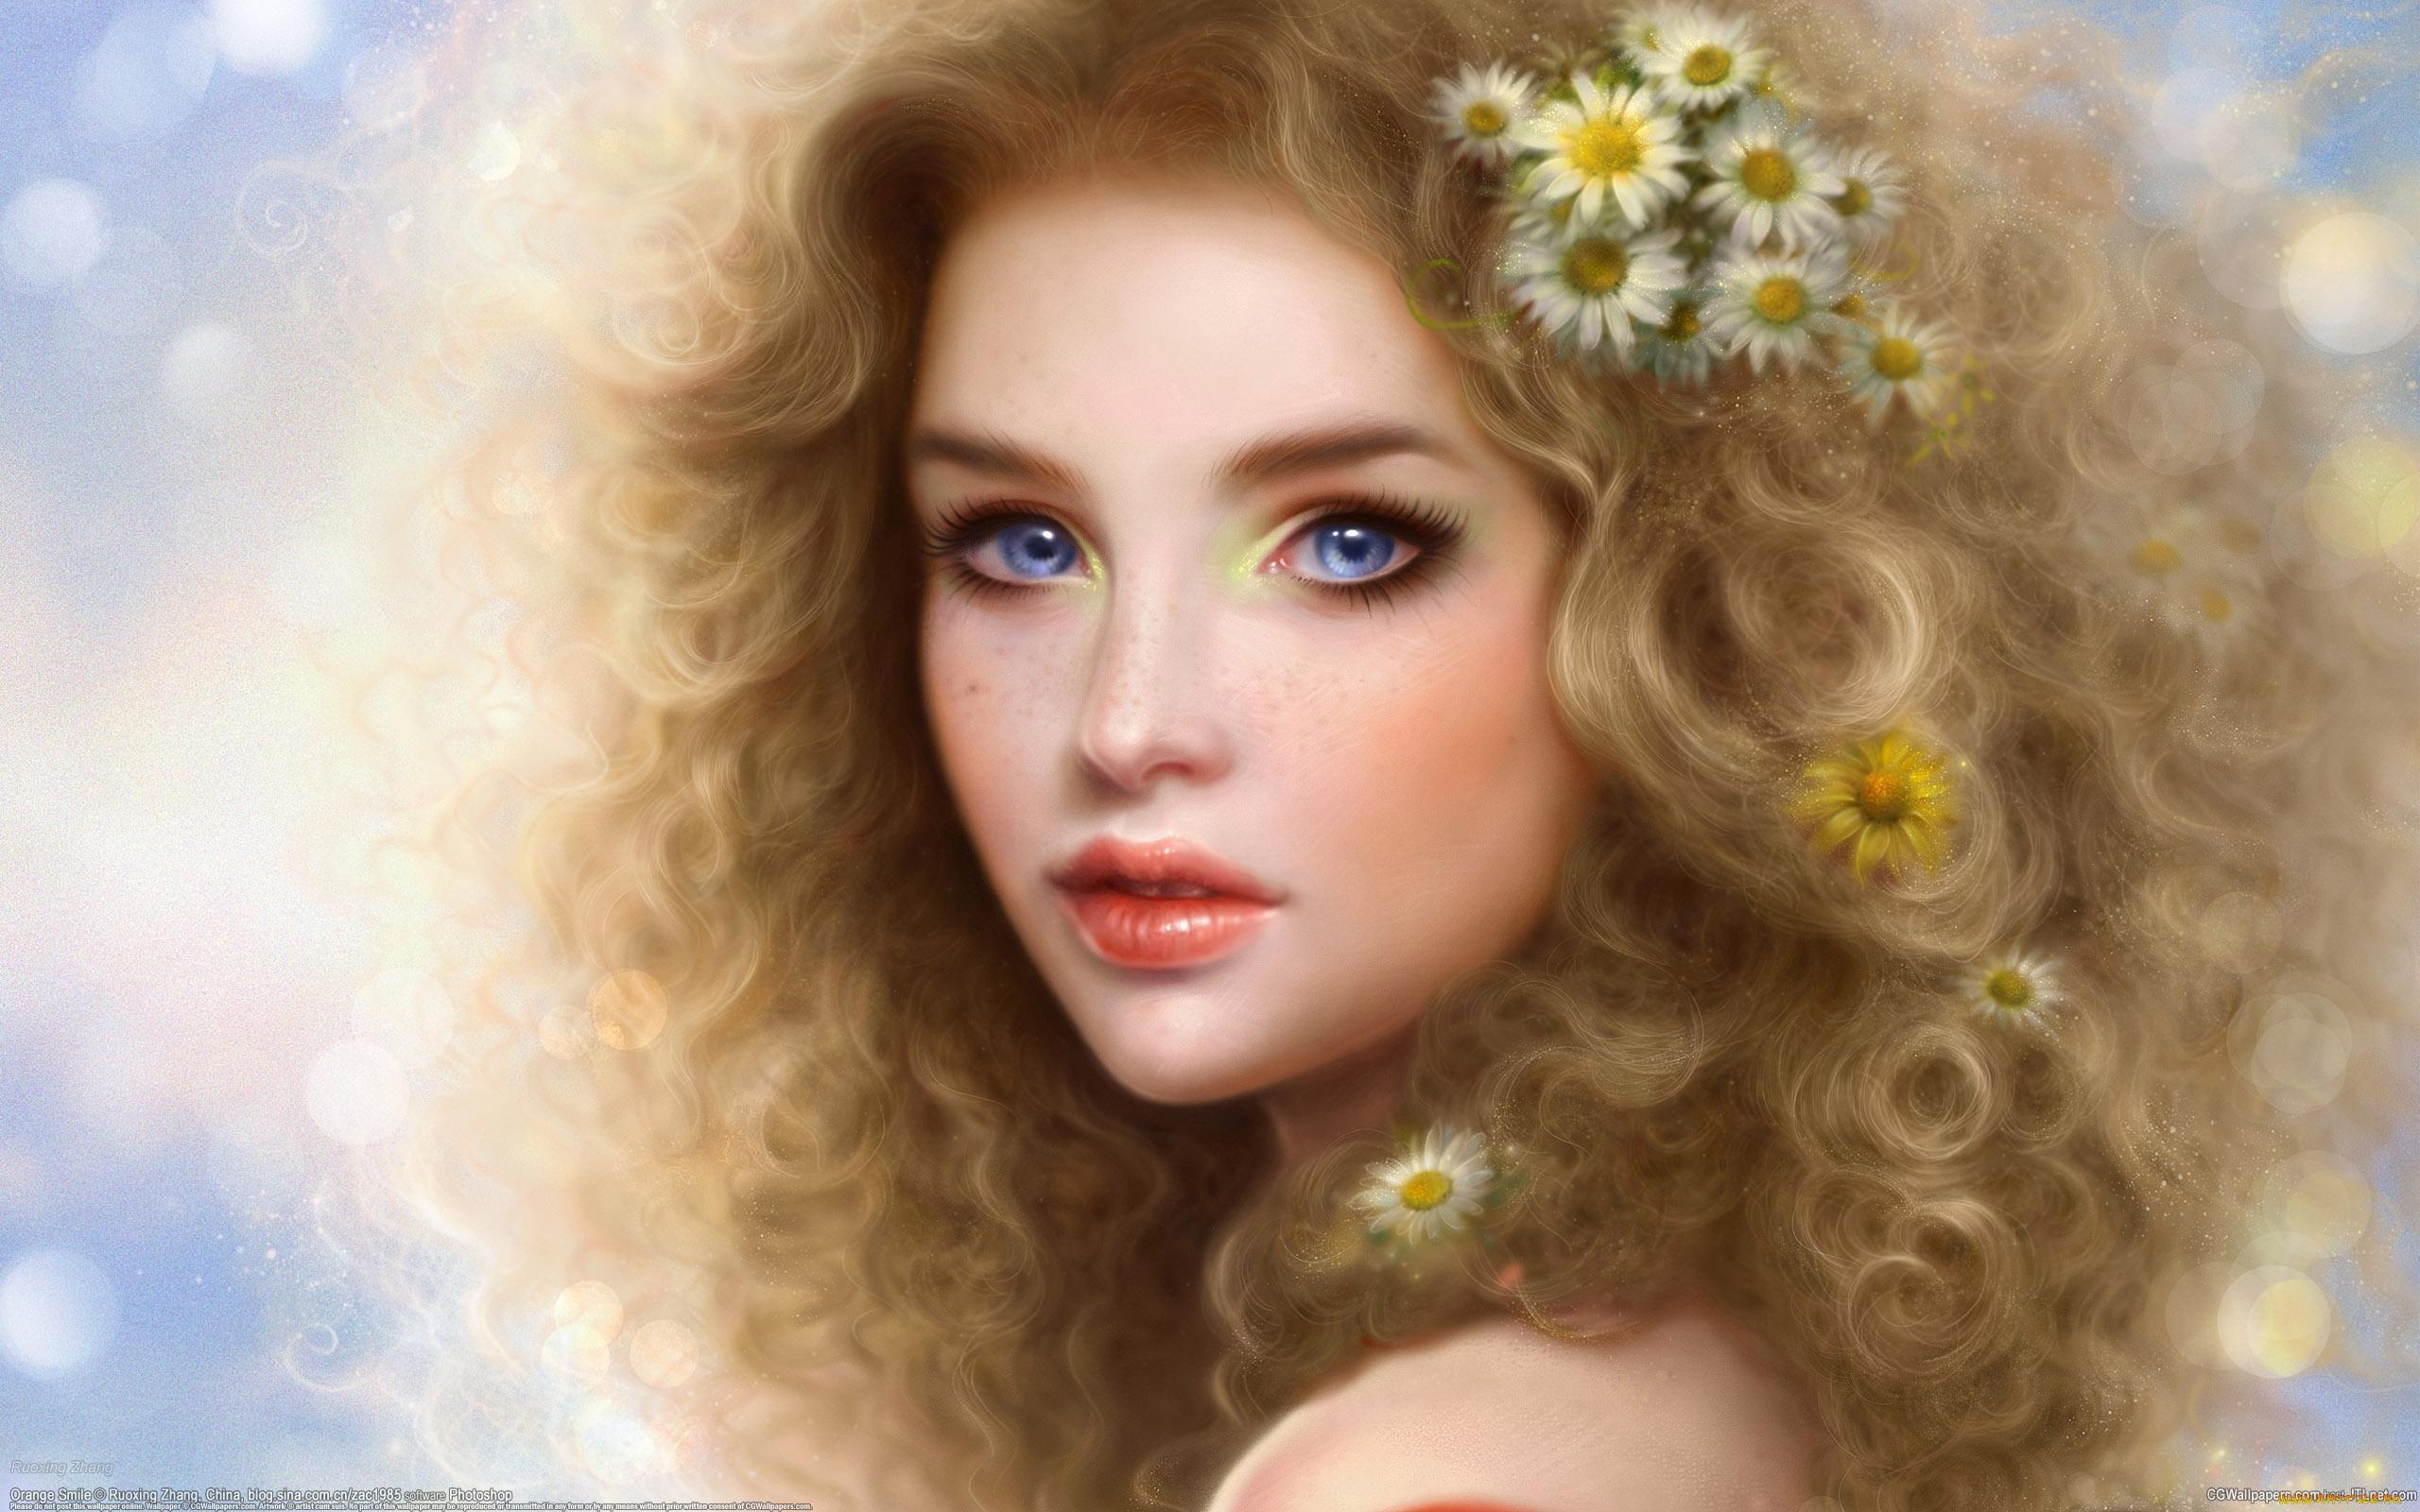 Ruoxing zhang фэнтези девушки блондинка